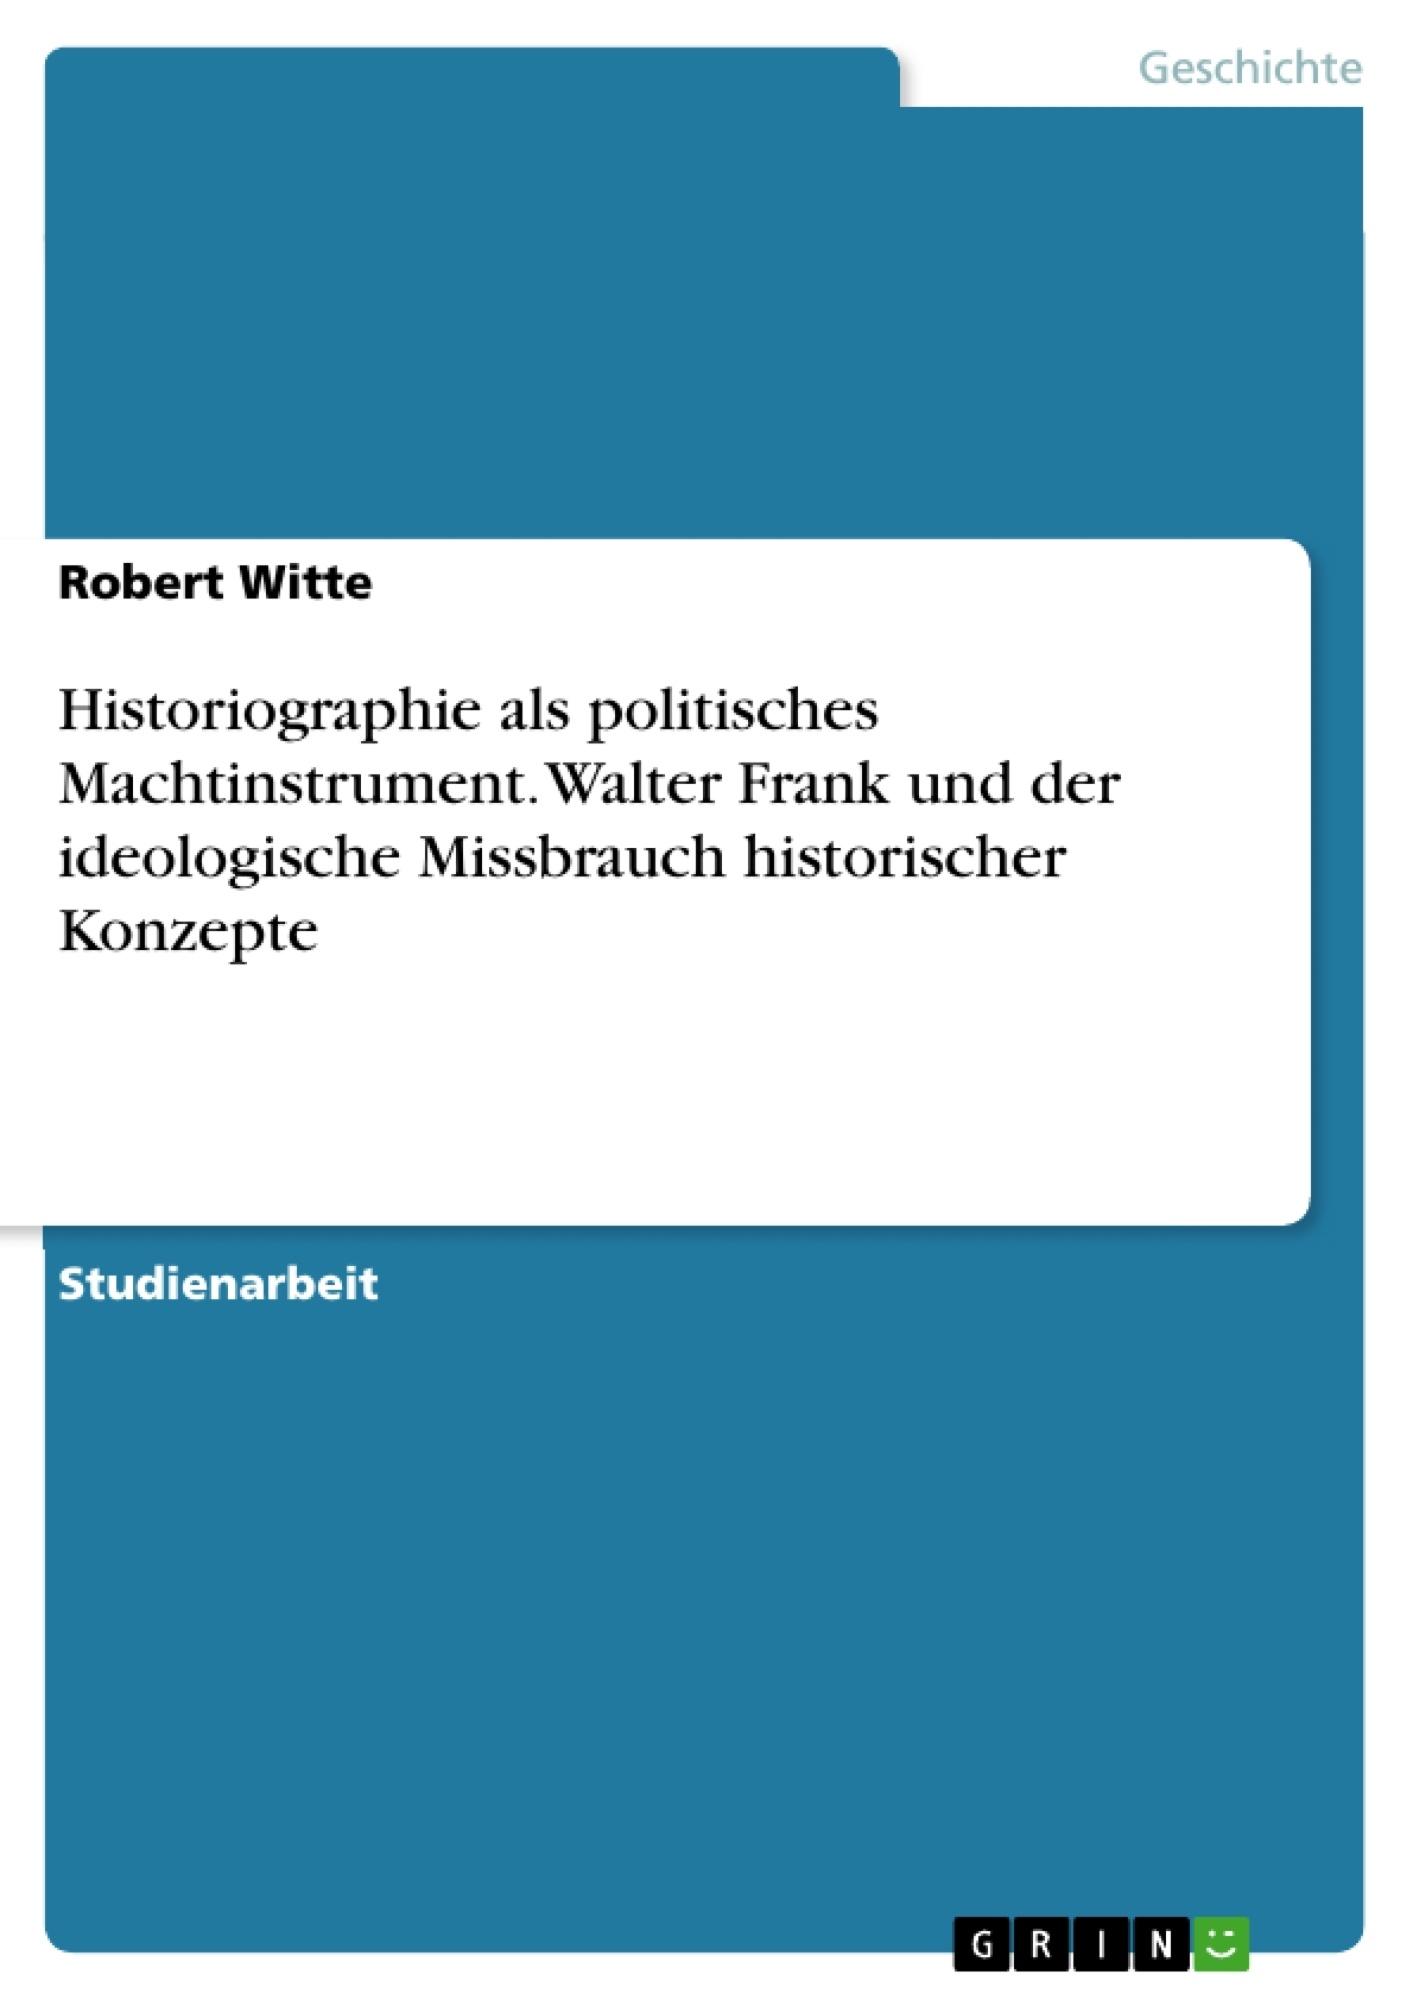 Titel: Historiographie als politisches Machtinstrument. Walter Frank und der ideologische Missbrauch historischer Konzepte